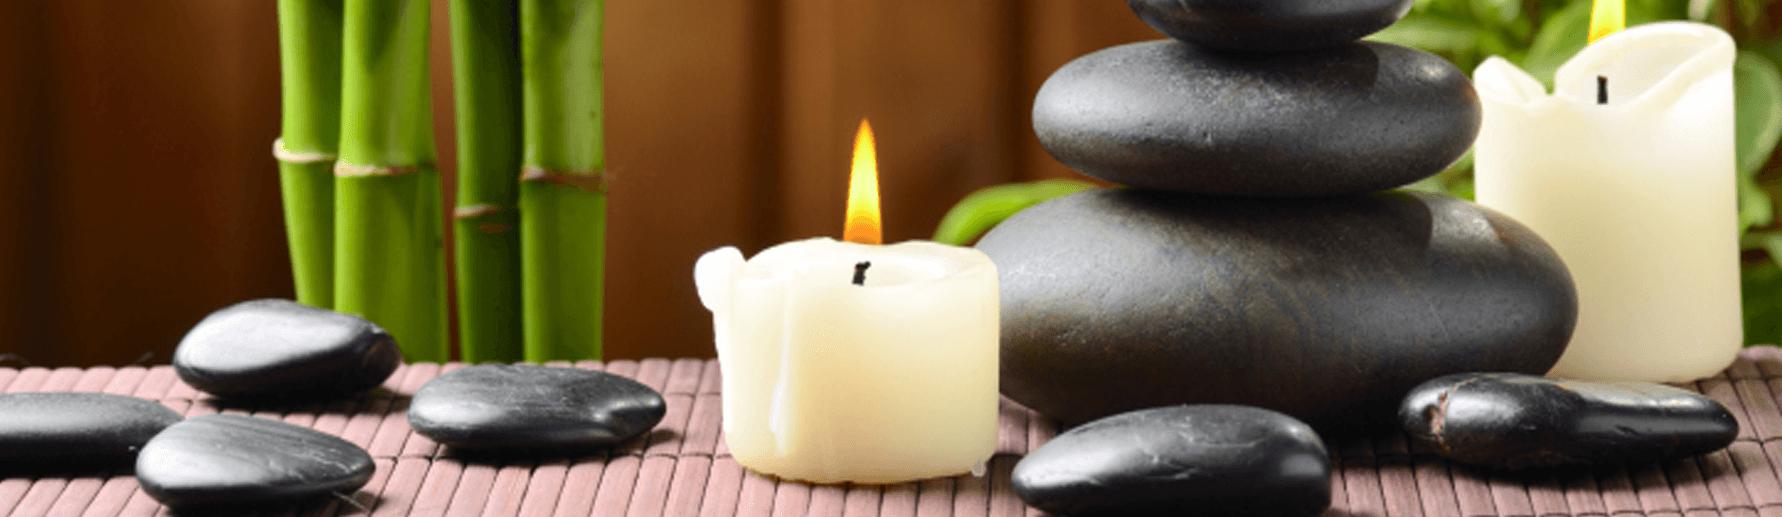 10 tips b sicos de feng shui para decorar tu hogar - Consejos feng shui para el hogar ...